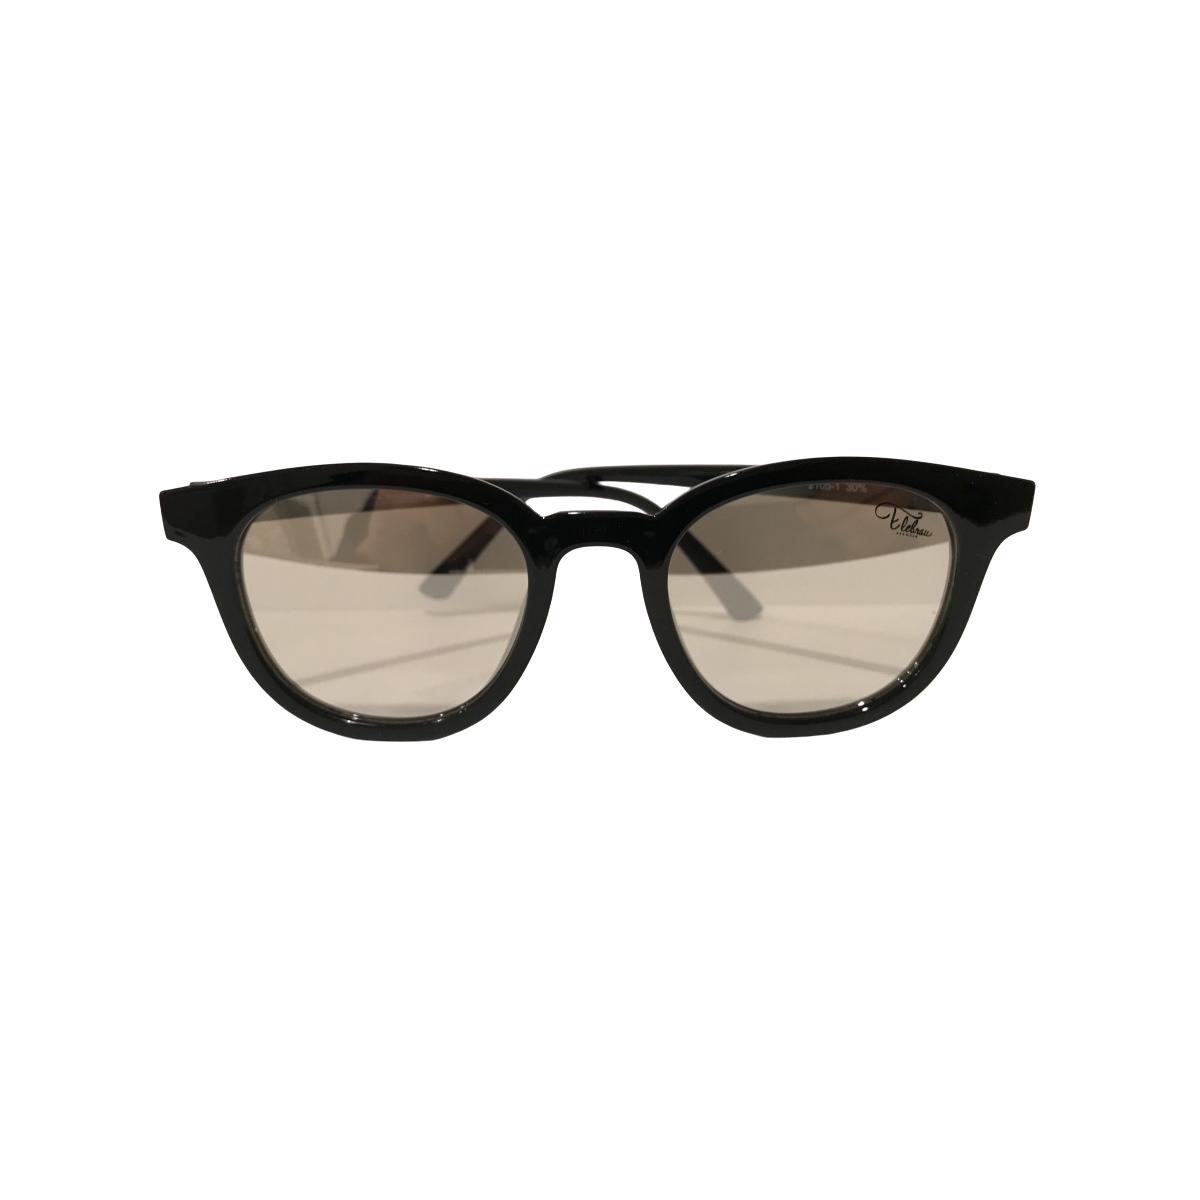 ELEBROU eyewear エレブロ Rockford mirror